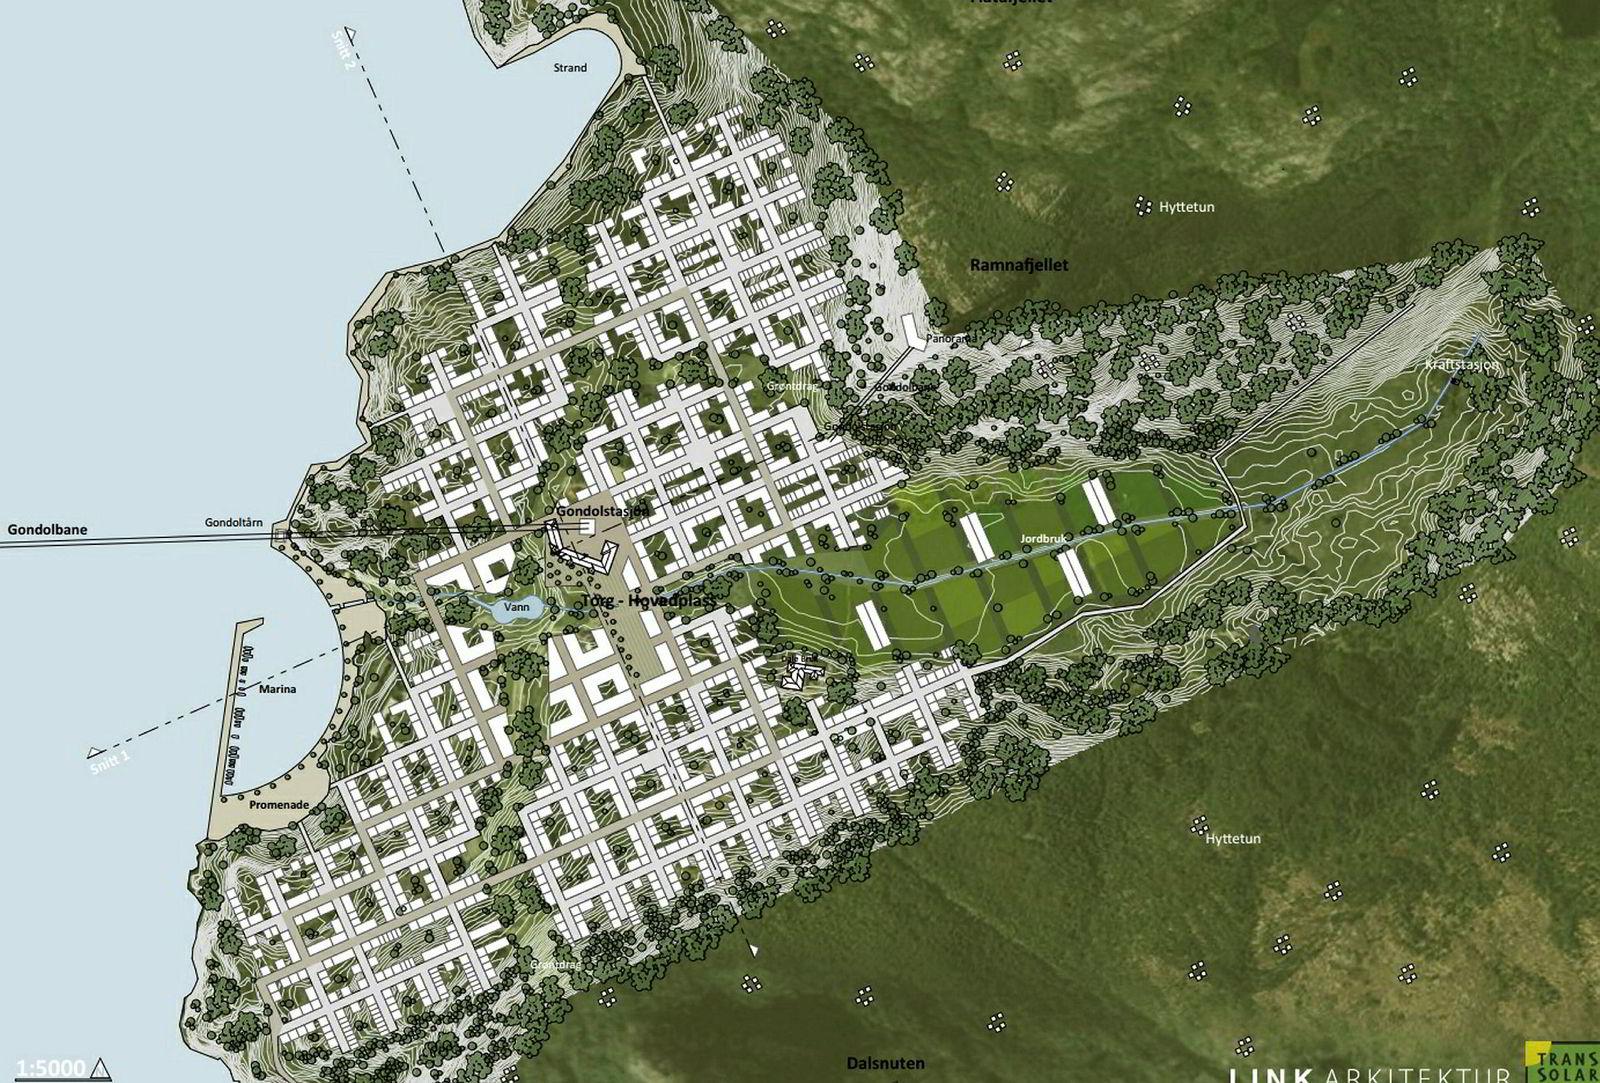 Kvadratstruktuen i byplanen er streng, og fyller opp så godt som alt flatt land på Dale med unntak av landbruksområdet.